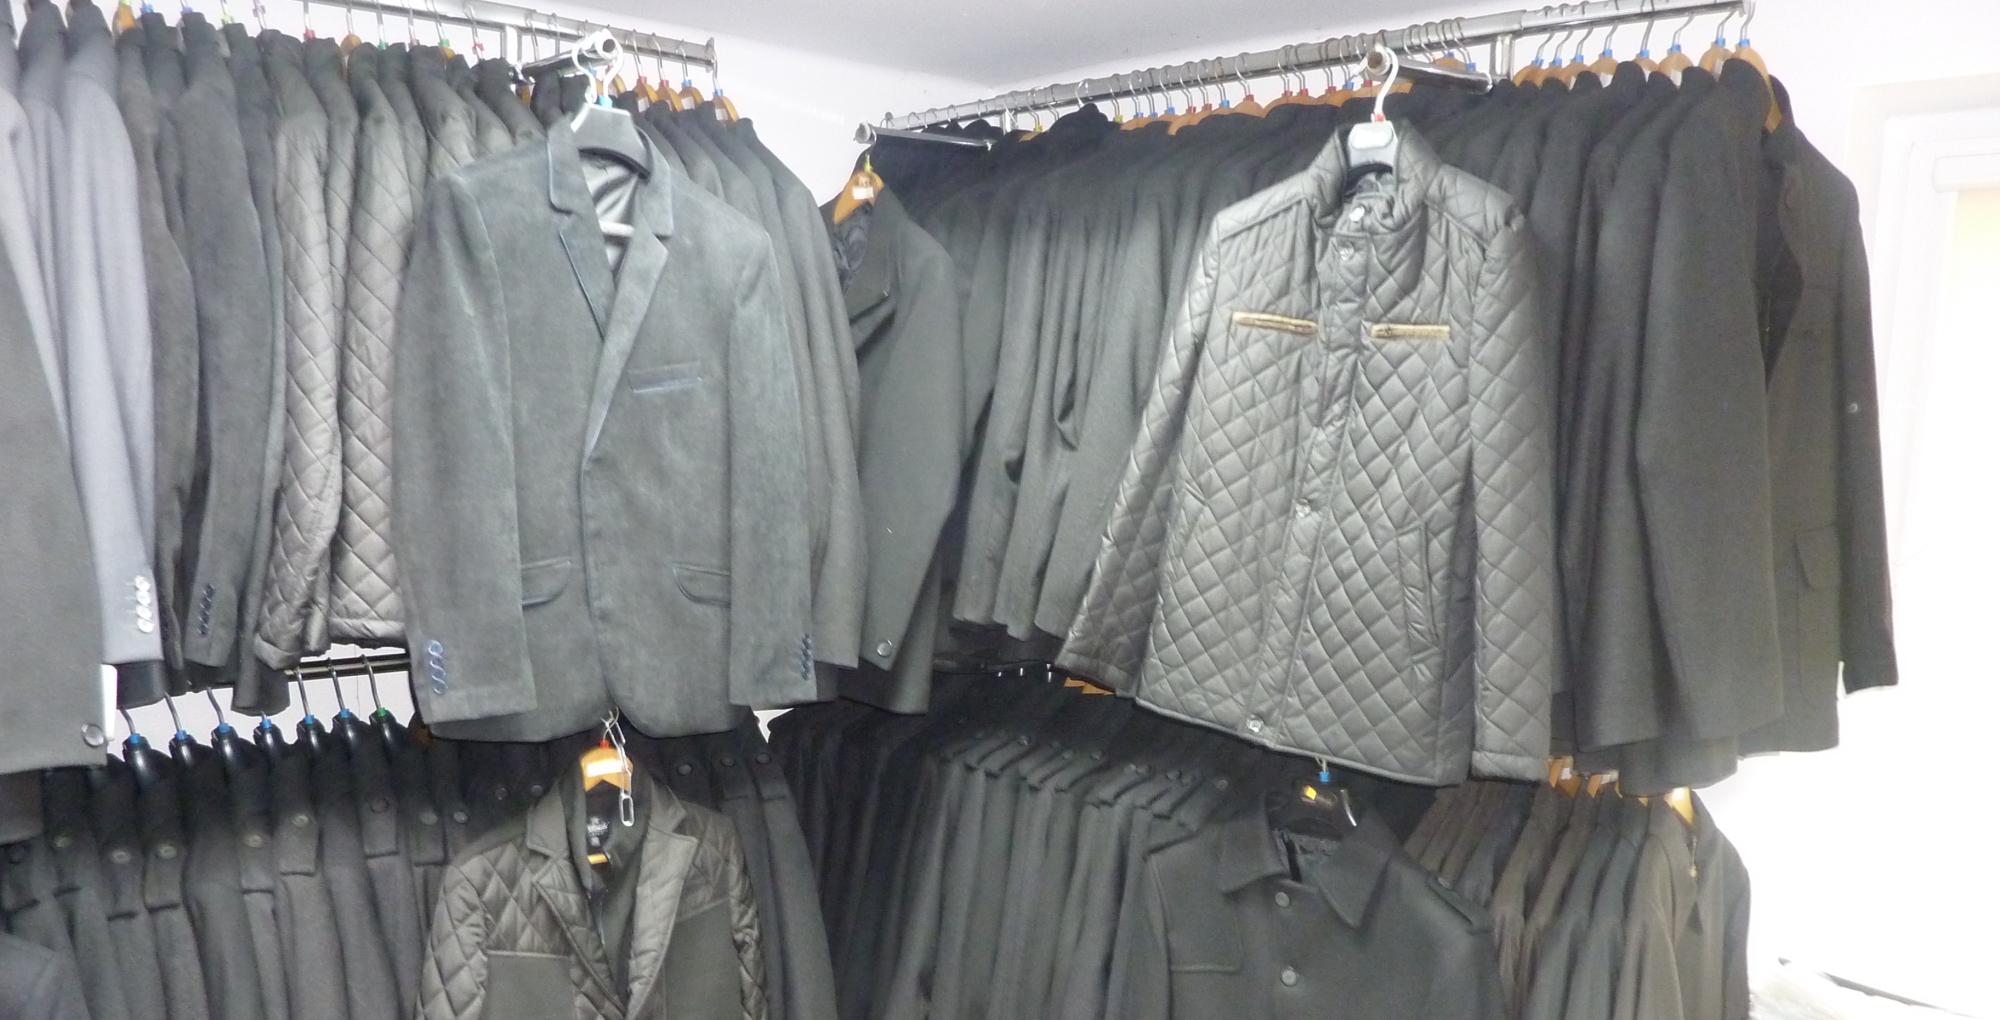 Kurtki wełniane slimowane i klasyczne, z kołnierzem, stójką